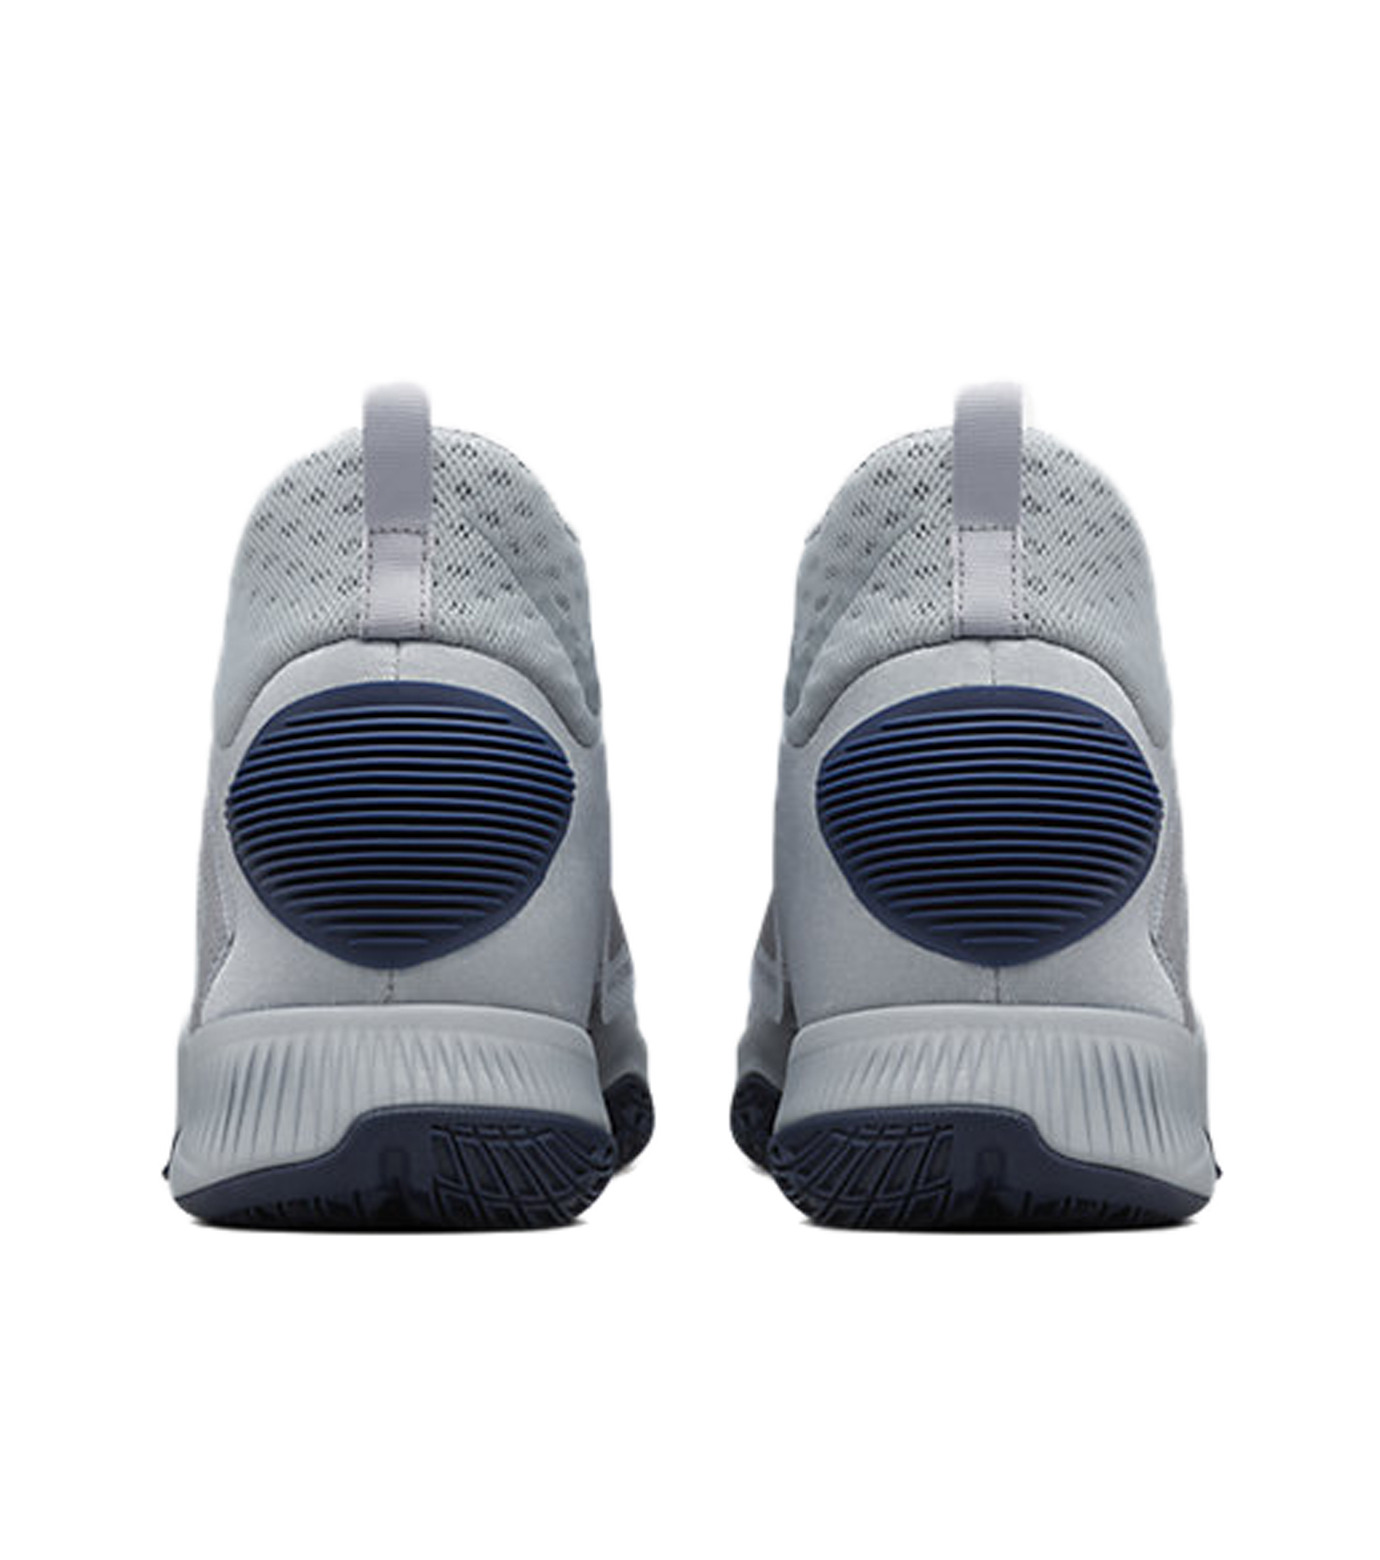 NIKE(ナイキ)のZOOM HYPERREV X FRAGMENT-LIGHT GRAY(シューズ/shoes)-848556-004-10 拡大詳細画像6